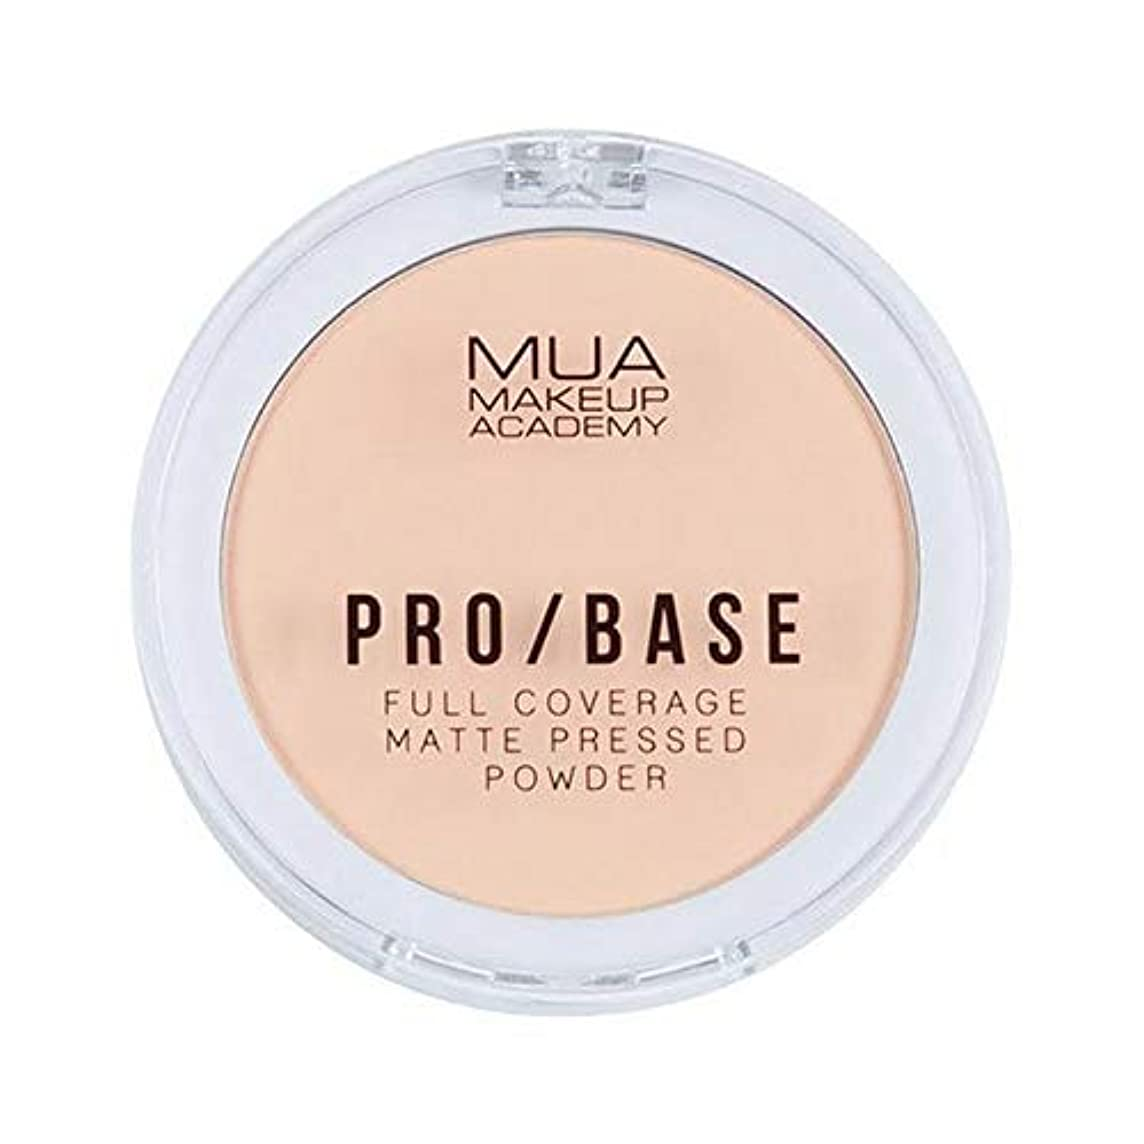 大統領繁栄強要[MUA] Mua Pro/ベースフルカバレッジマット粉末#110 - MUA Pro/Base Full Coverage Matte Powder #110 [並行輸入品]